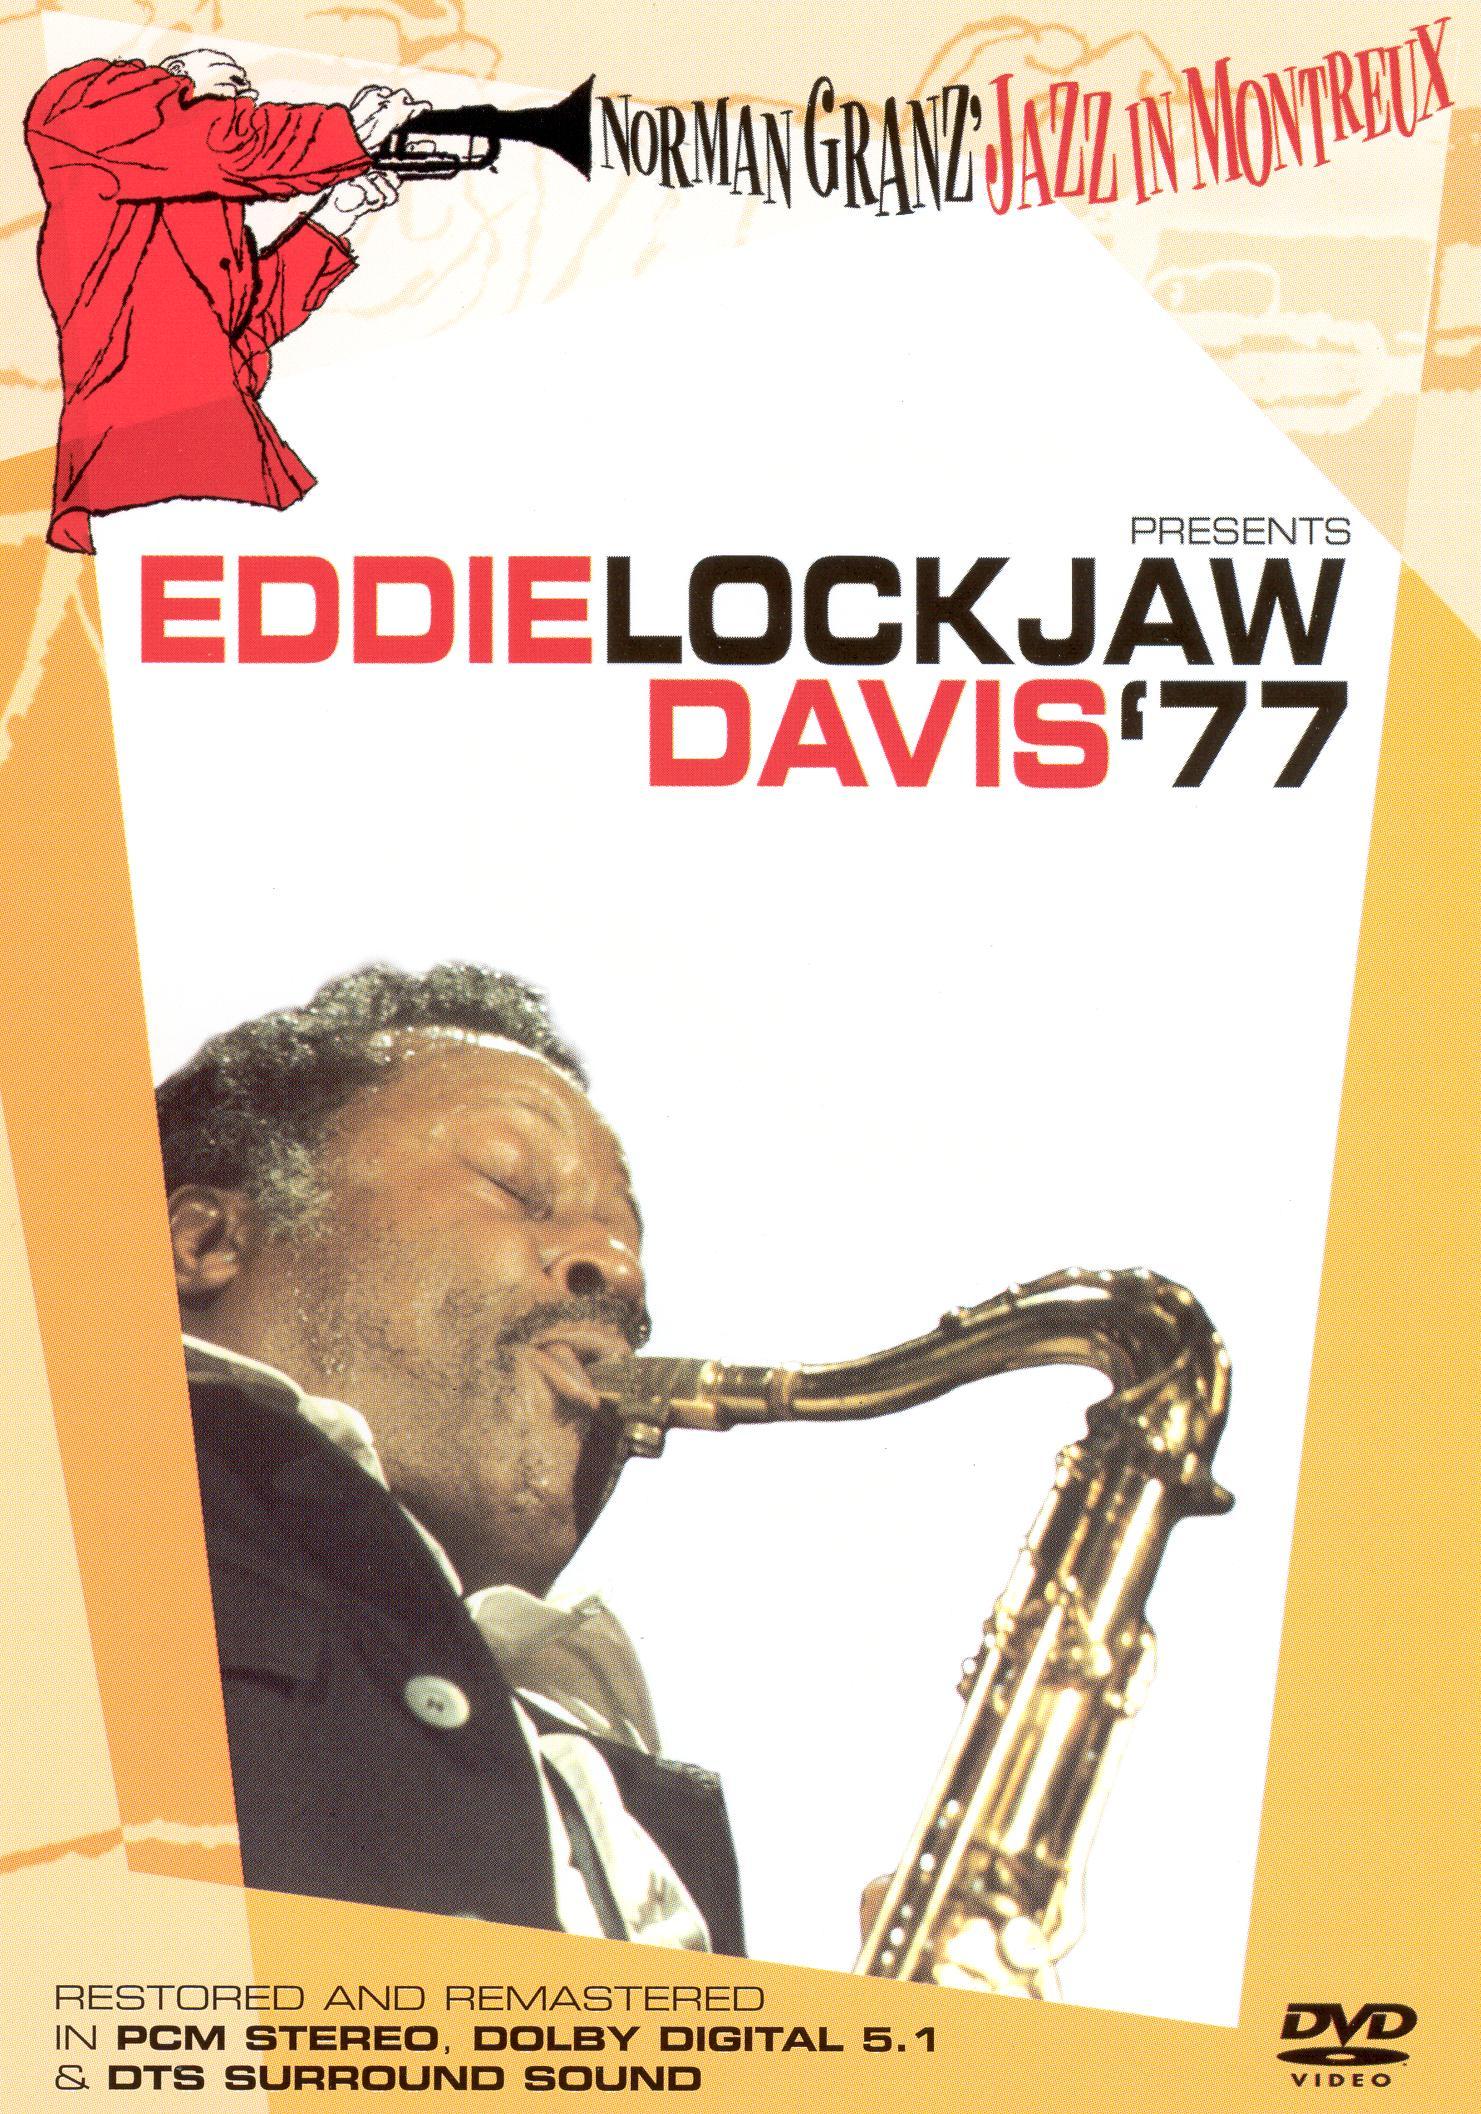 Norman Granz' Jazz in Montreux: Eddy Lockjaw Davis '77